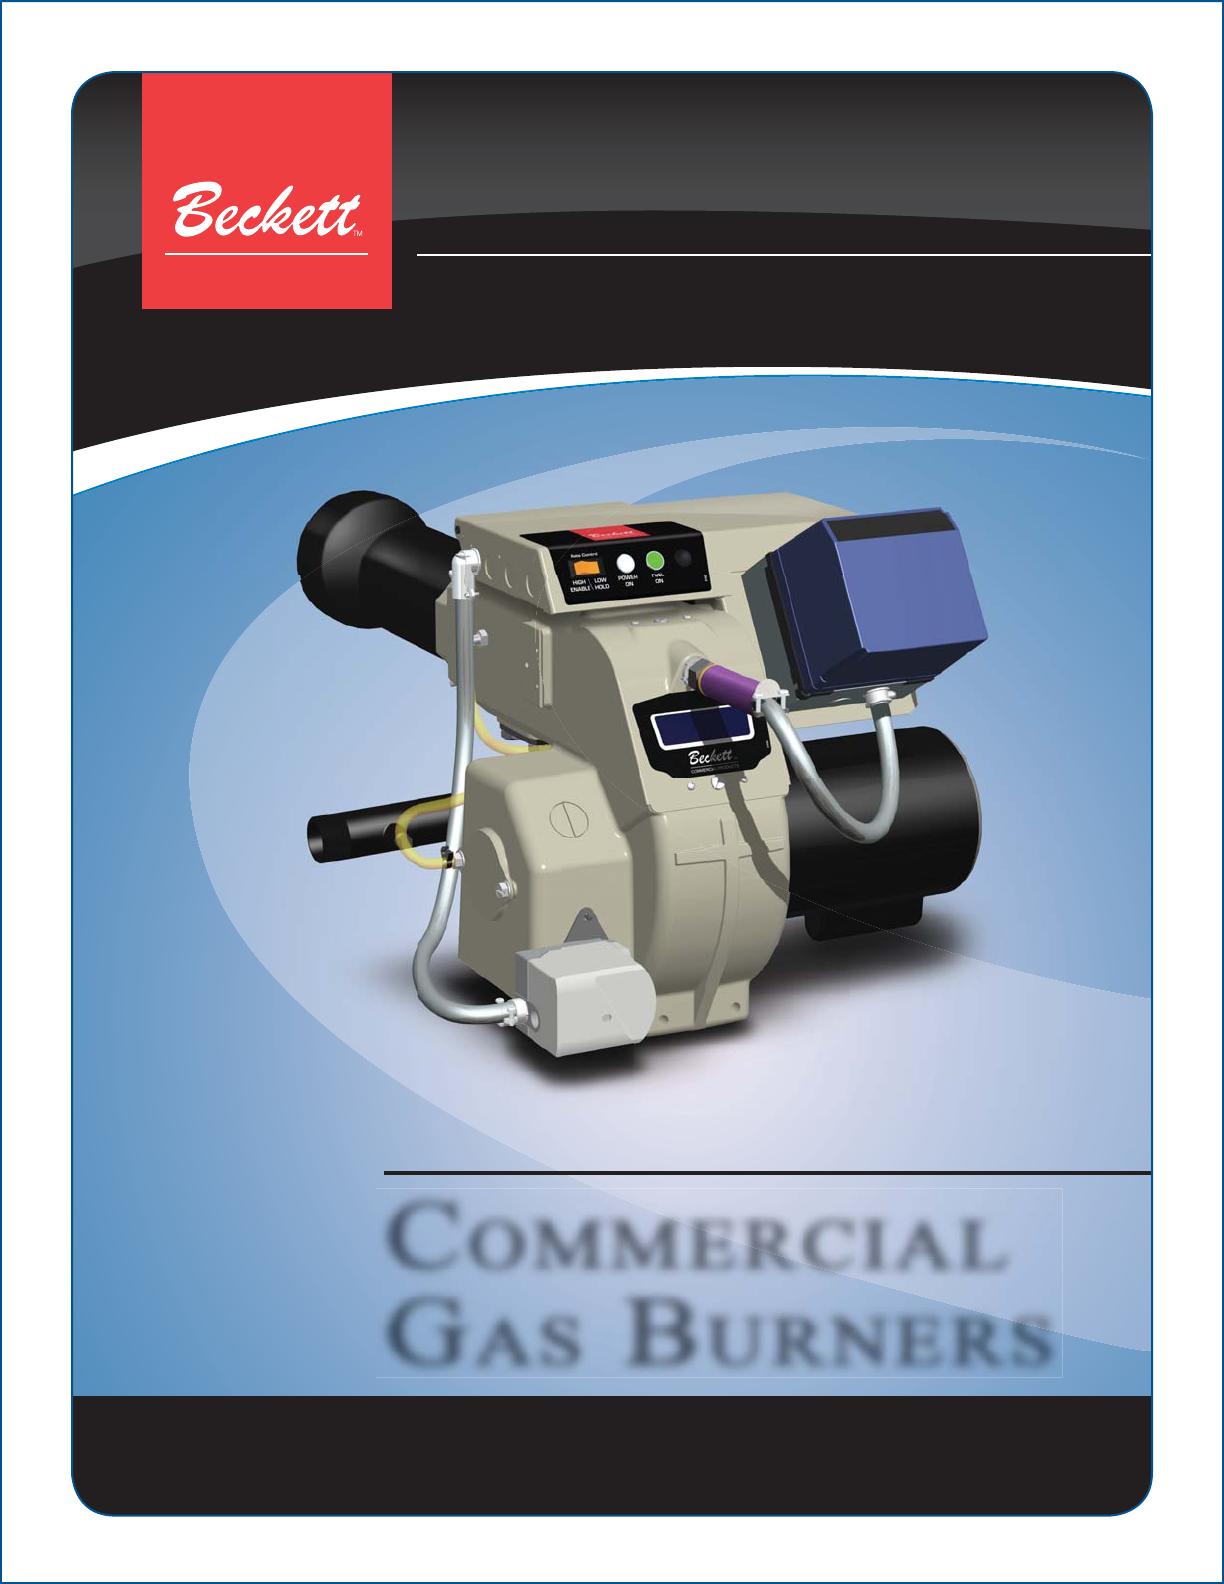 beckett burner cg10 a user guide manualsonline com rh homeappliance manualsonline com Beckett Oil Burner Parts Beckett Oil Burner Fuel Pump